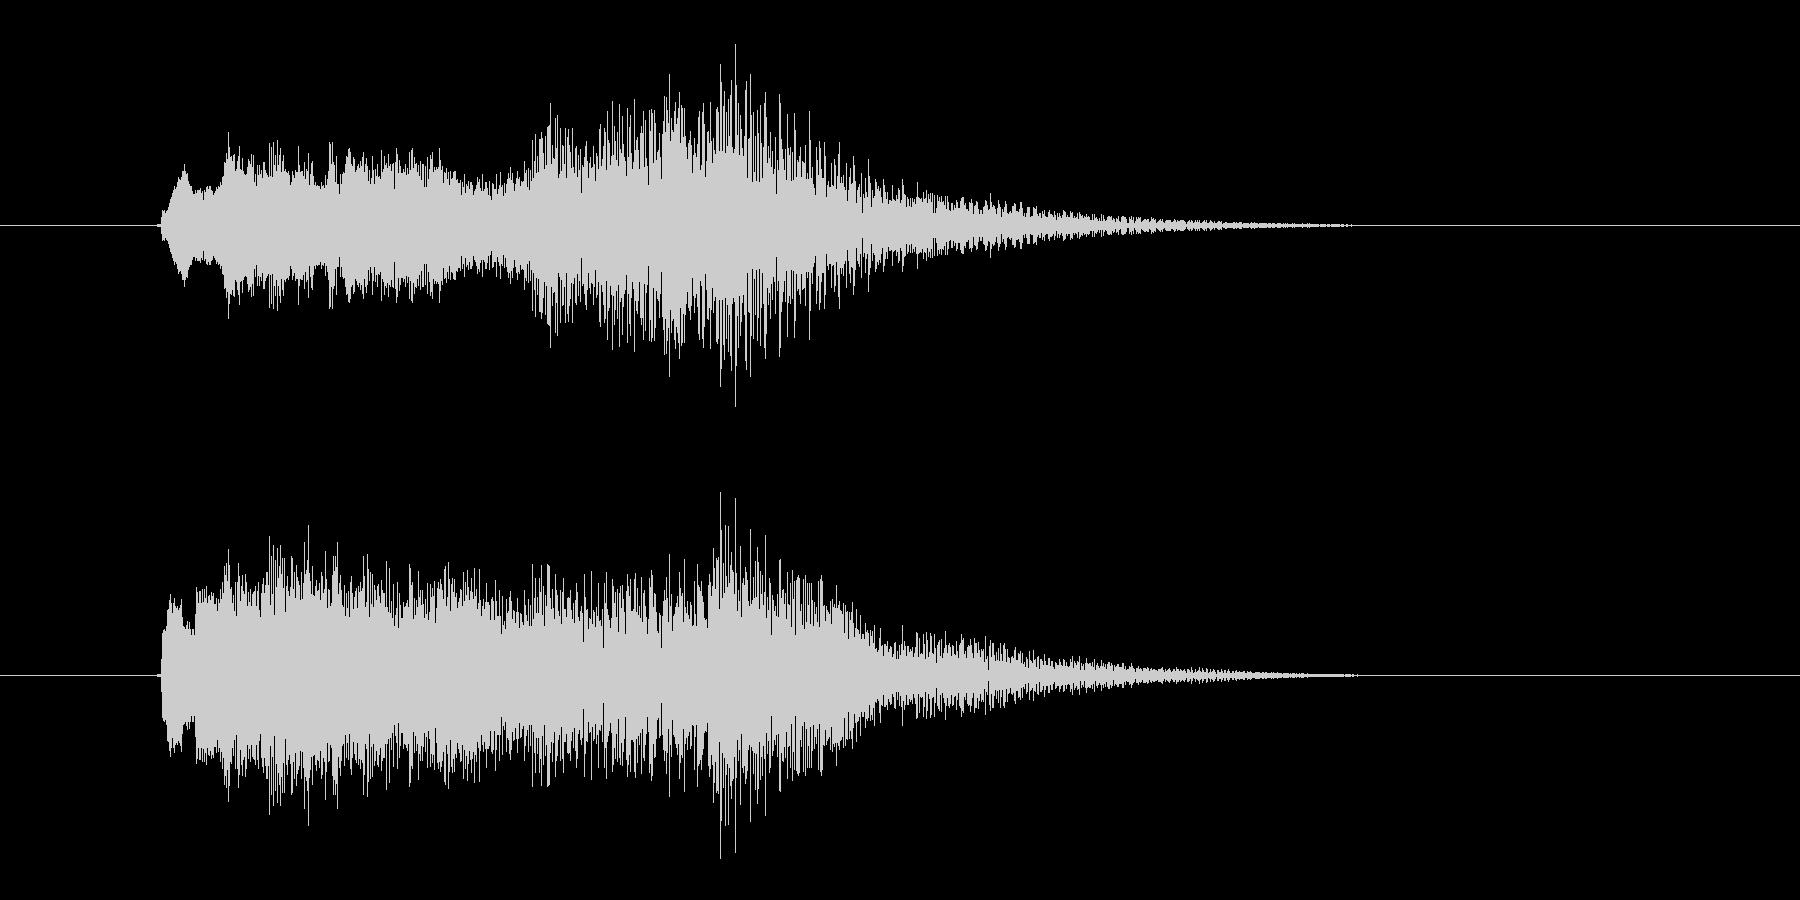 キラキラゴージャスなクラシックシンセの未再生の波形